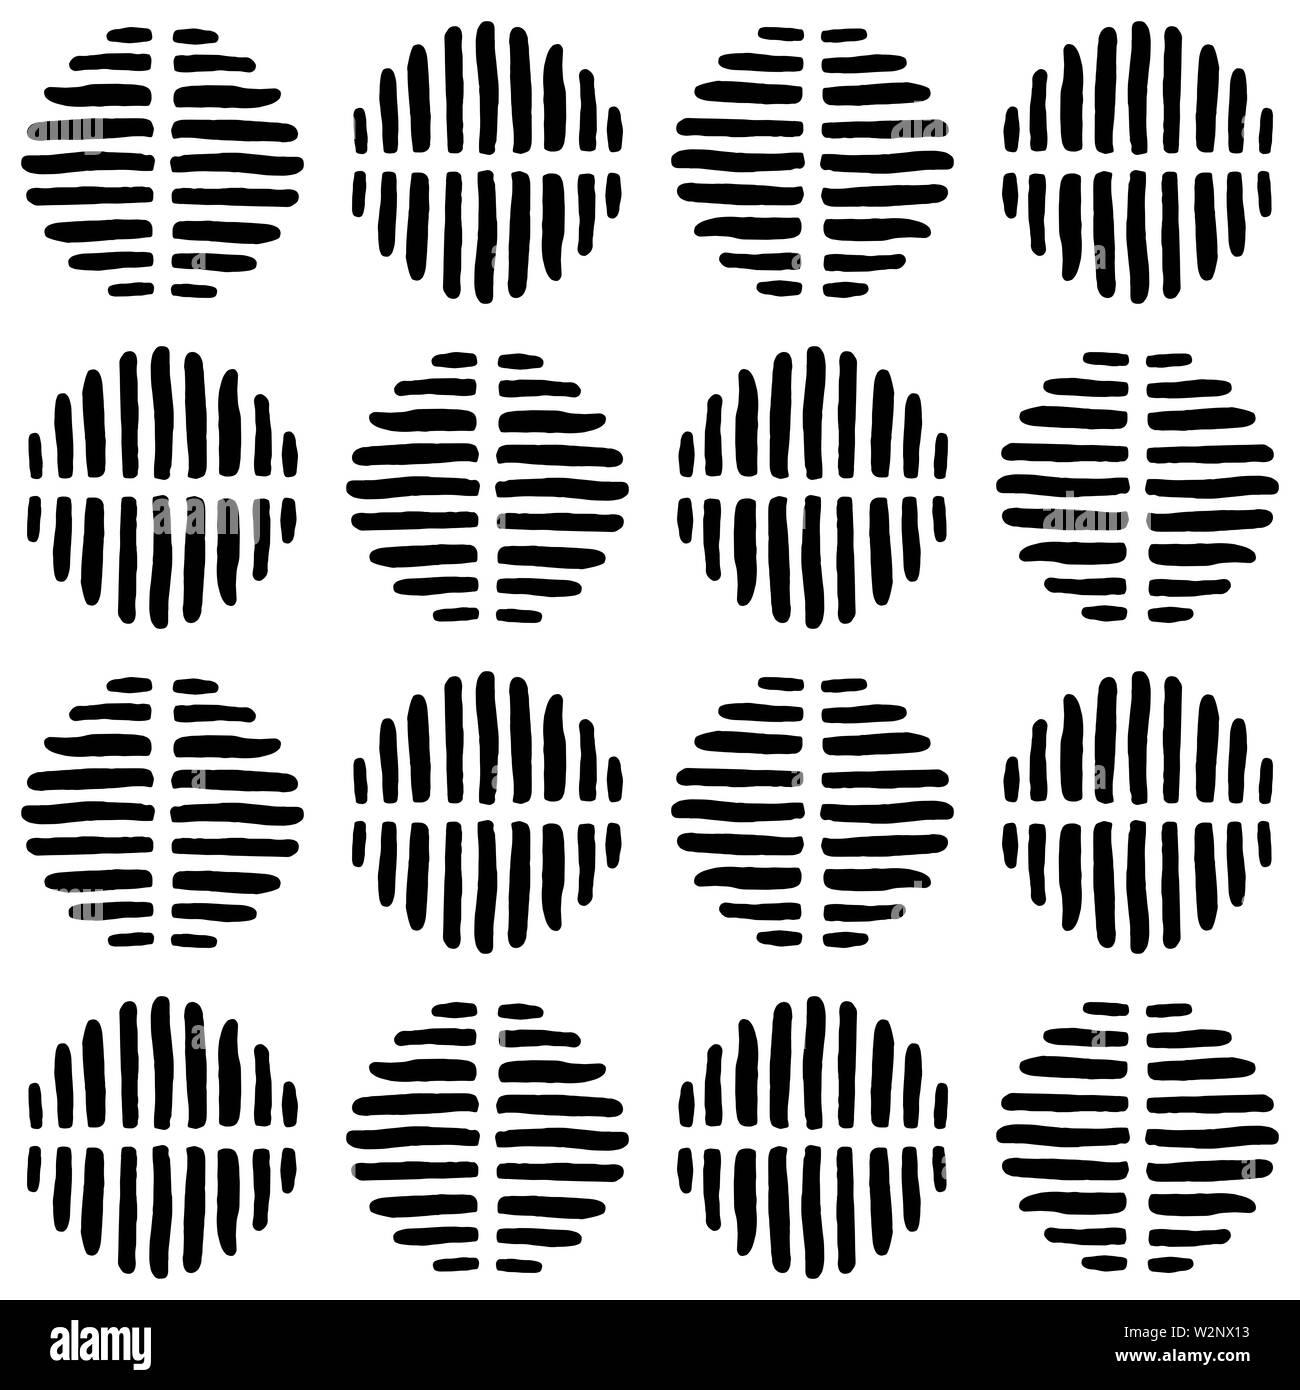 Un patrón de manchas a rayas abstractas, creado de formas dibujadas a mano. Imagen De Stock